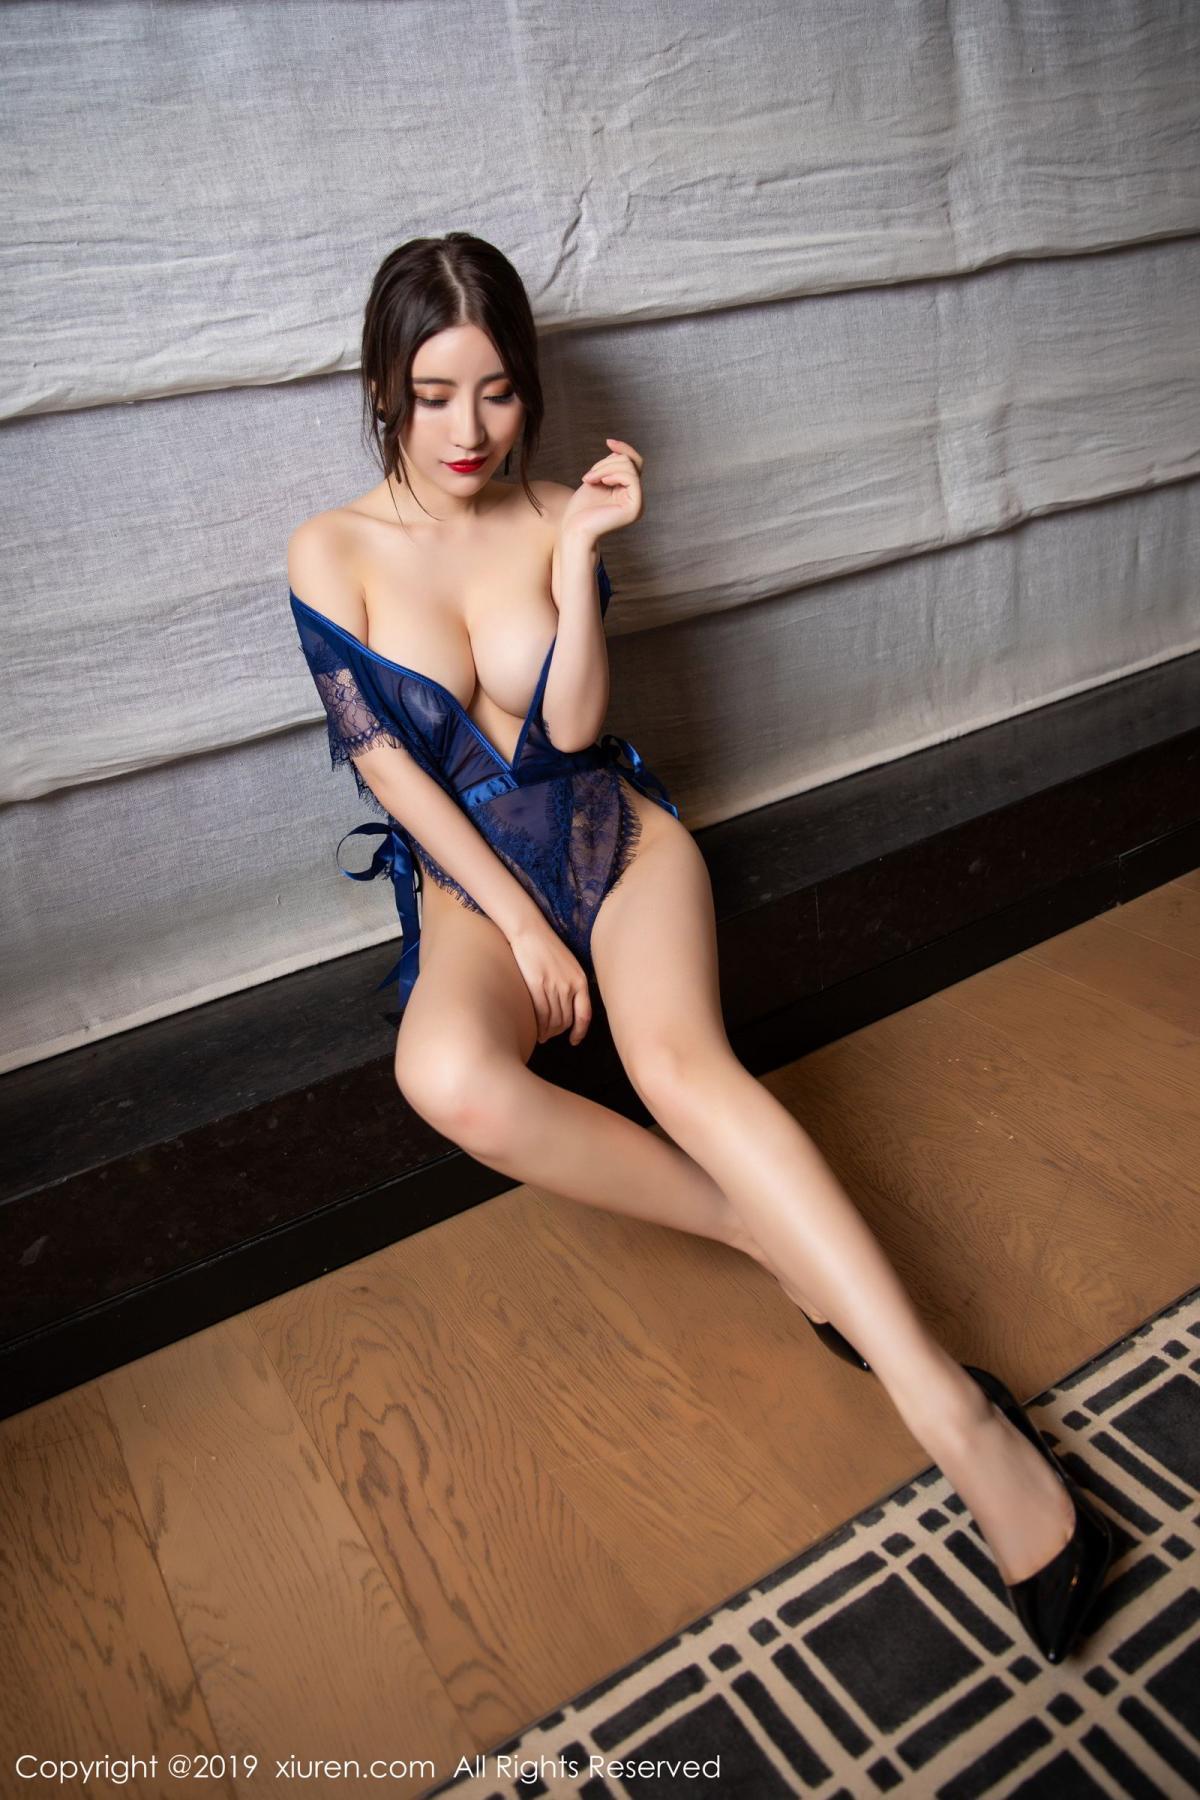 [XiuRen] Vol.1589 Xie Zhi Xin 47P, Sexy, Underwear, Xie Zhi Xin, Xiuren